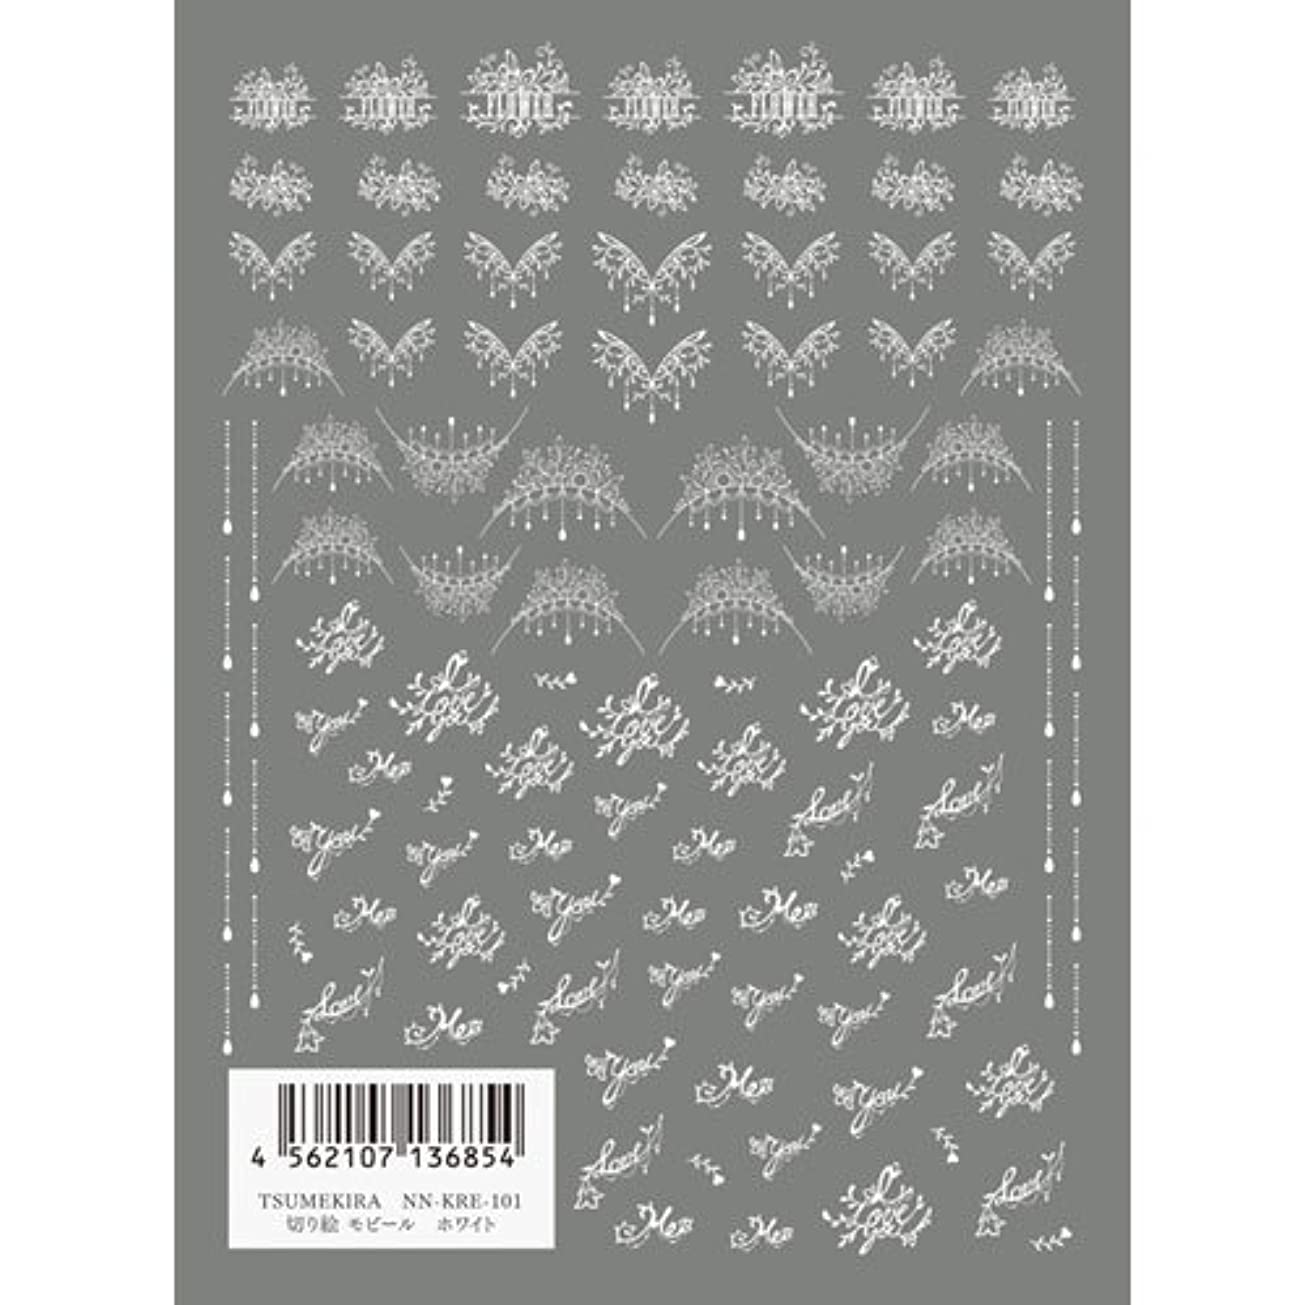 支給名前遠征ツメキラ(TSUMEKIRA) ネイル用シール 切り絵 モビール ホワイト NN-KRE-101